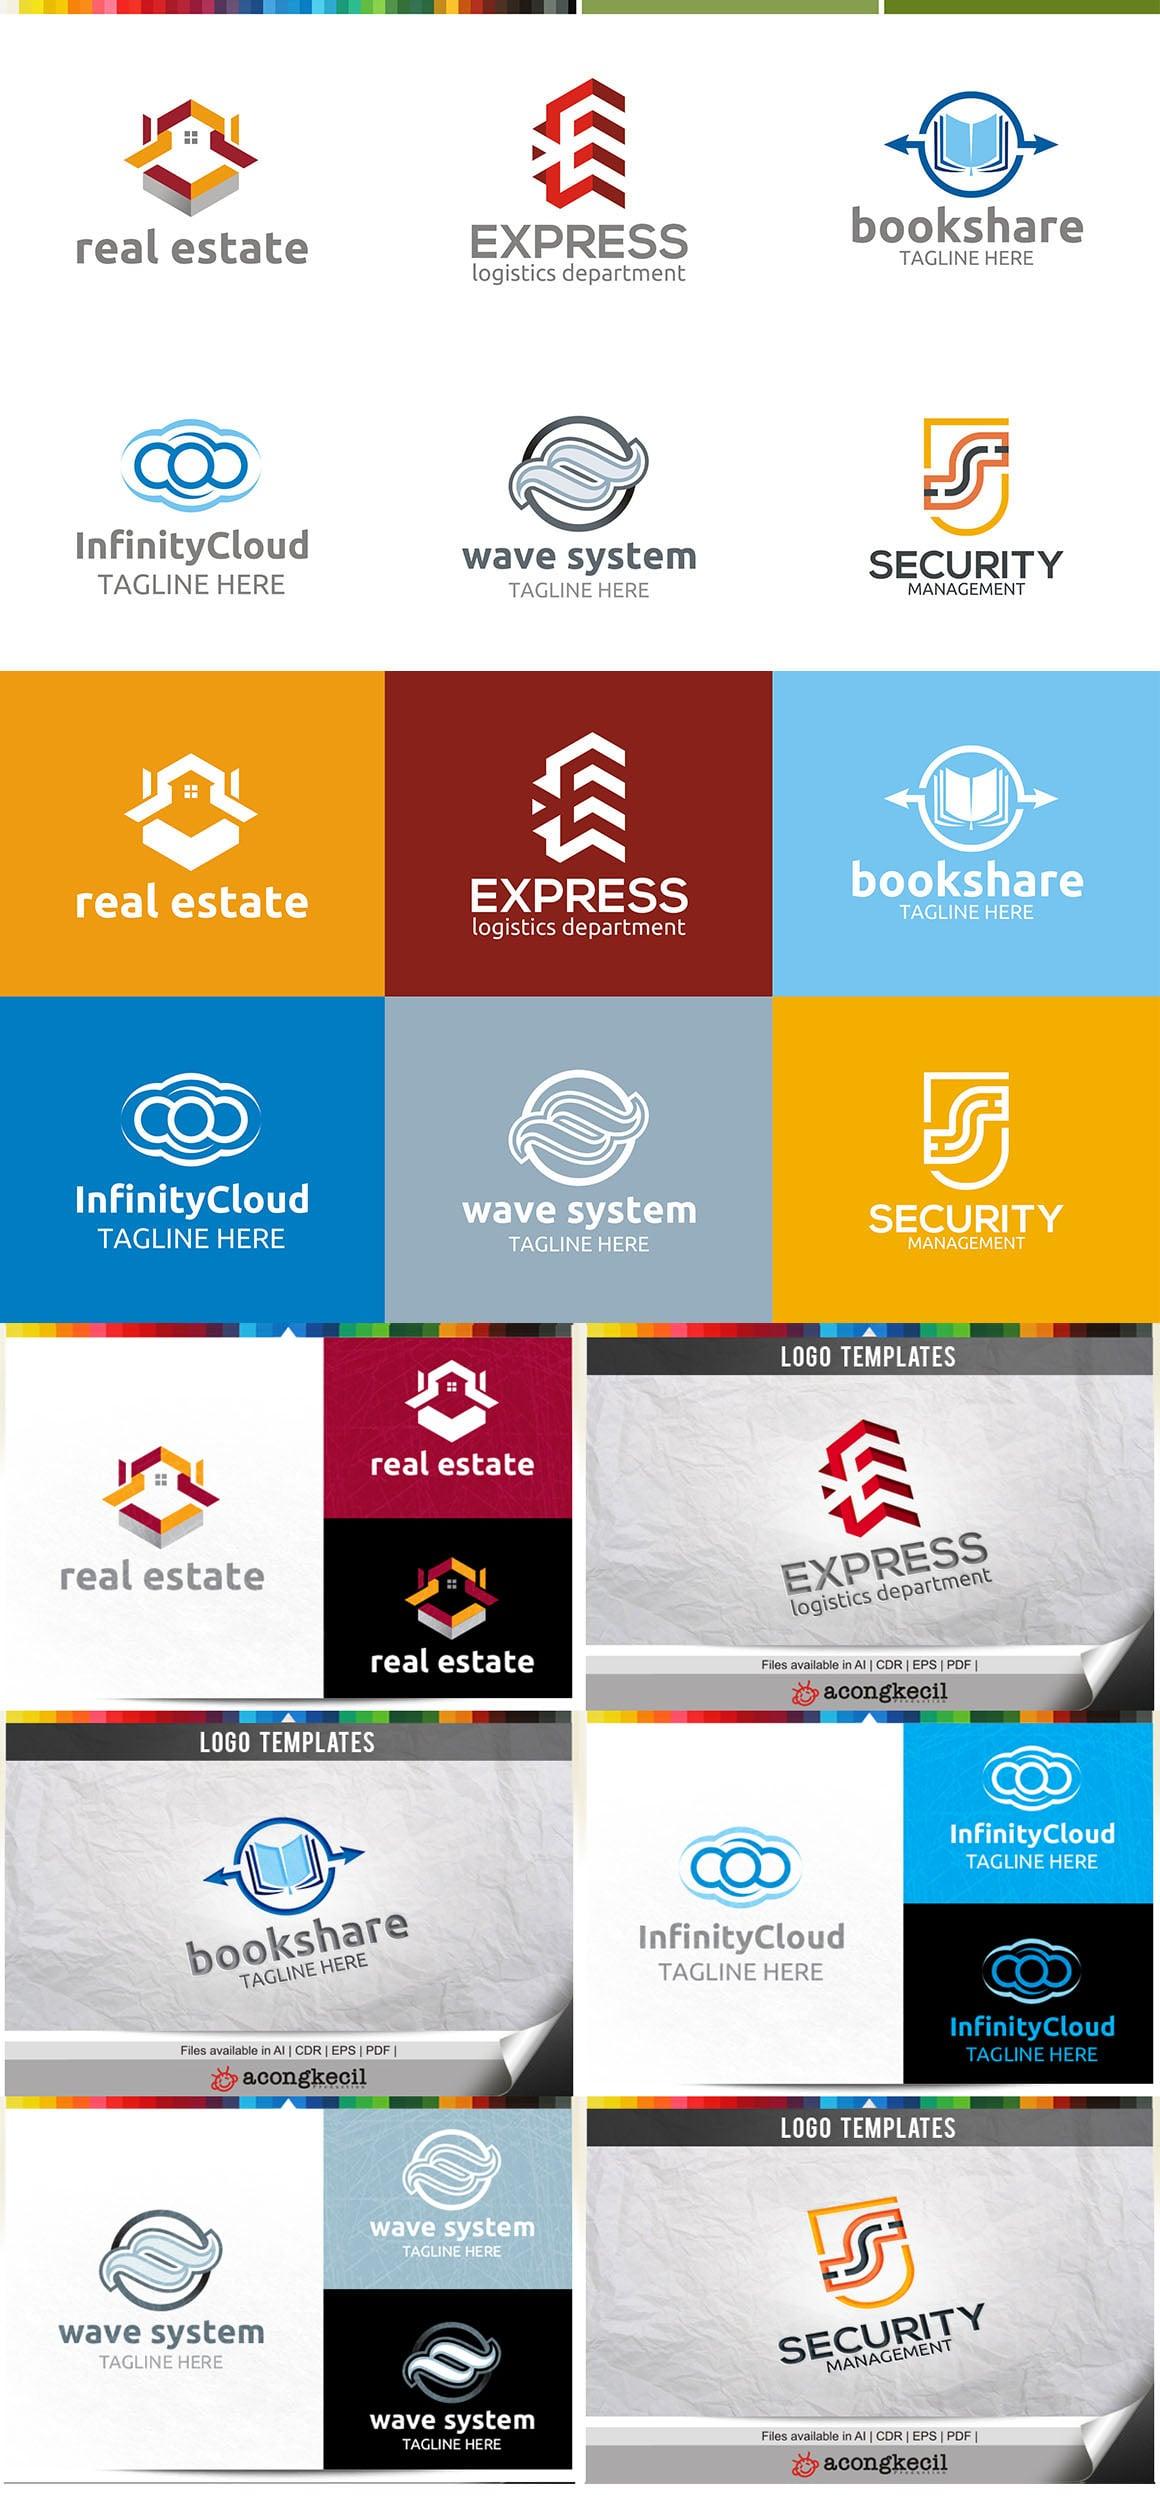 446 Business Logo Bundle - 99%+ OFF - Bundle 16 Preview5A